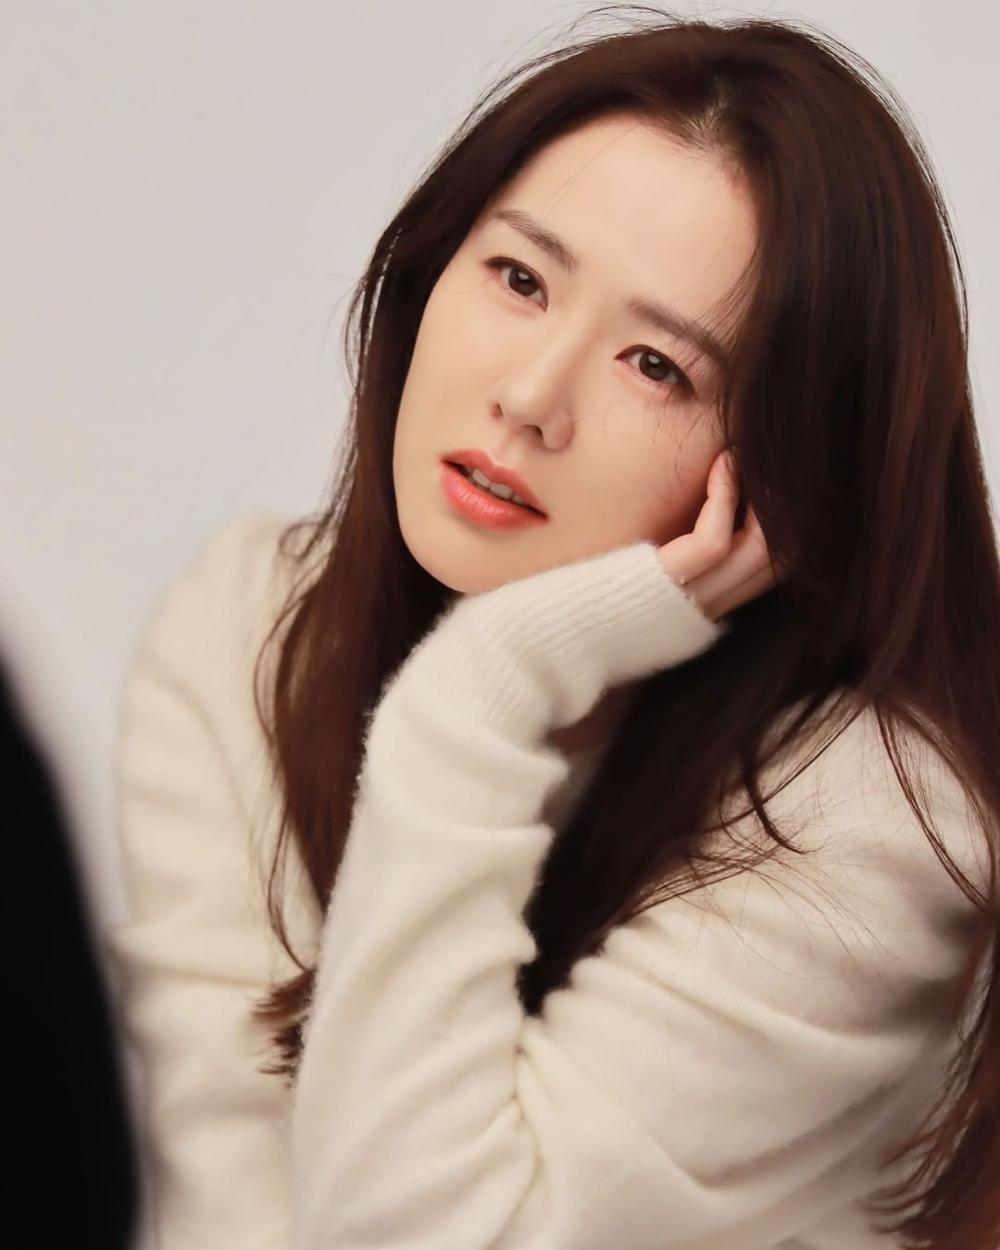 Son Ye Jin khoe nhan sắc đỉnh cao trong bộ ảnh mới: Trẻ mãi không già là đây Ảnh 3